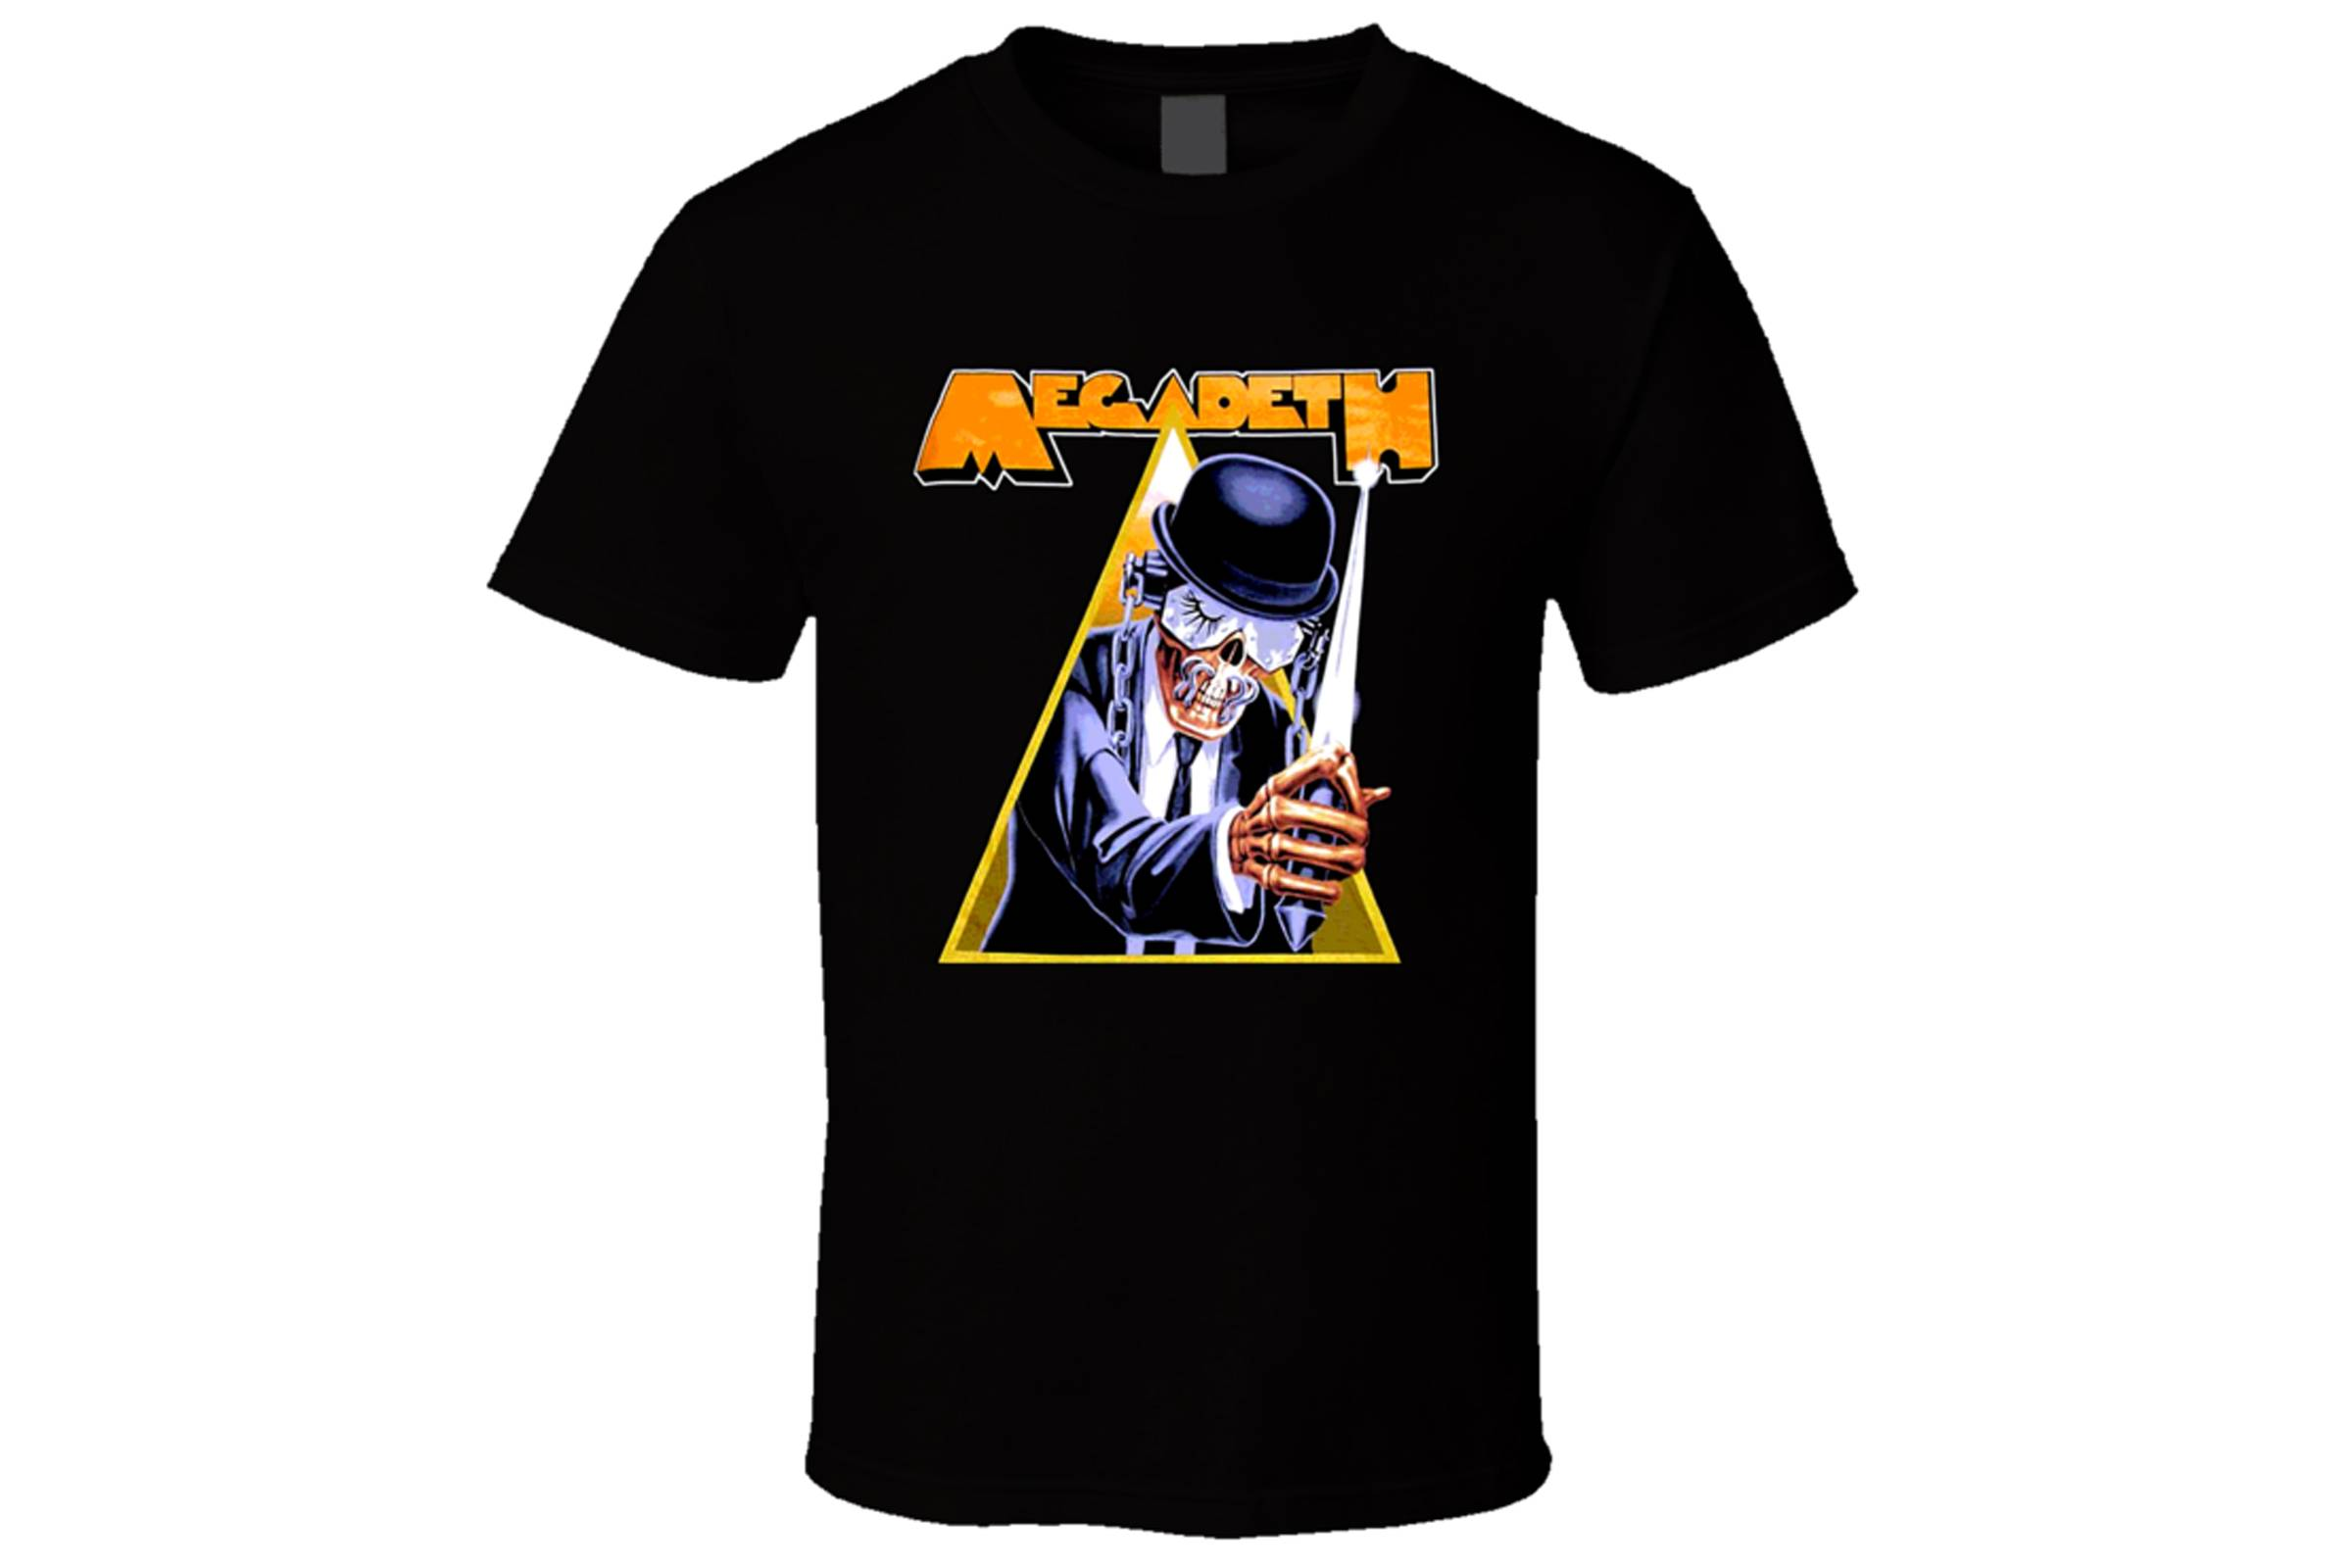 Дань уважения Megadeth «Заводному апельсину»: маскот группы Вик Раттлхэд в образе Алекса ДэЛарджа